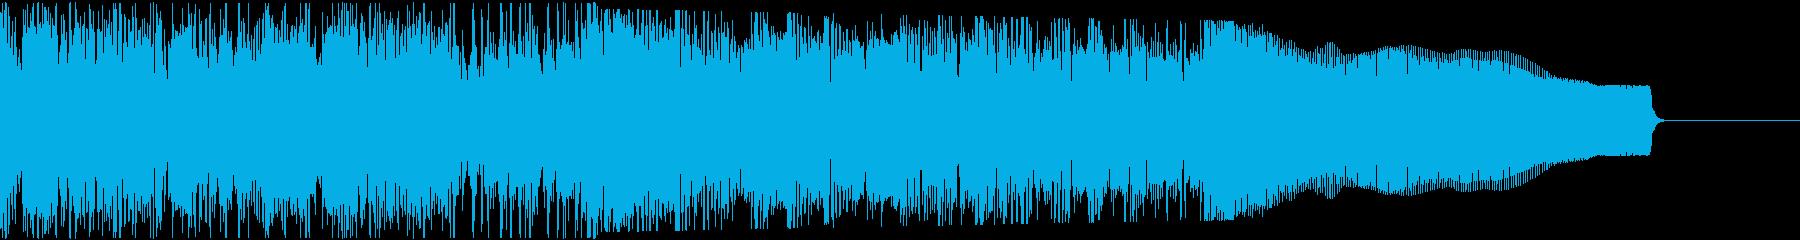 カントリー風ギターイントロ−06Eの再生済みの波形